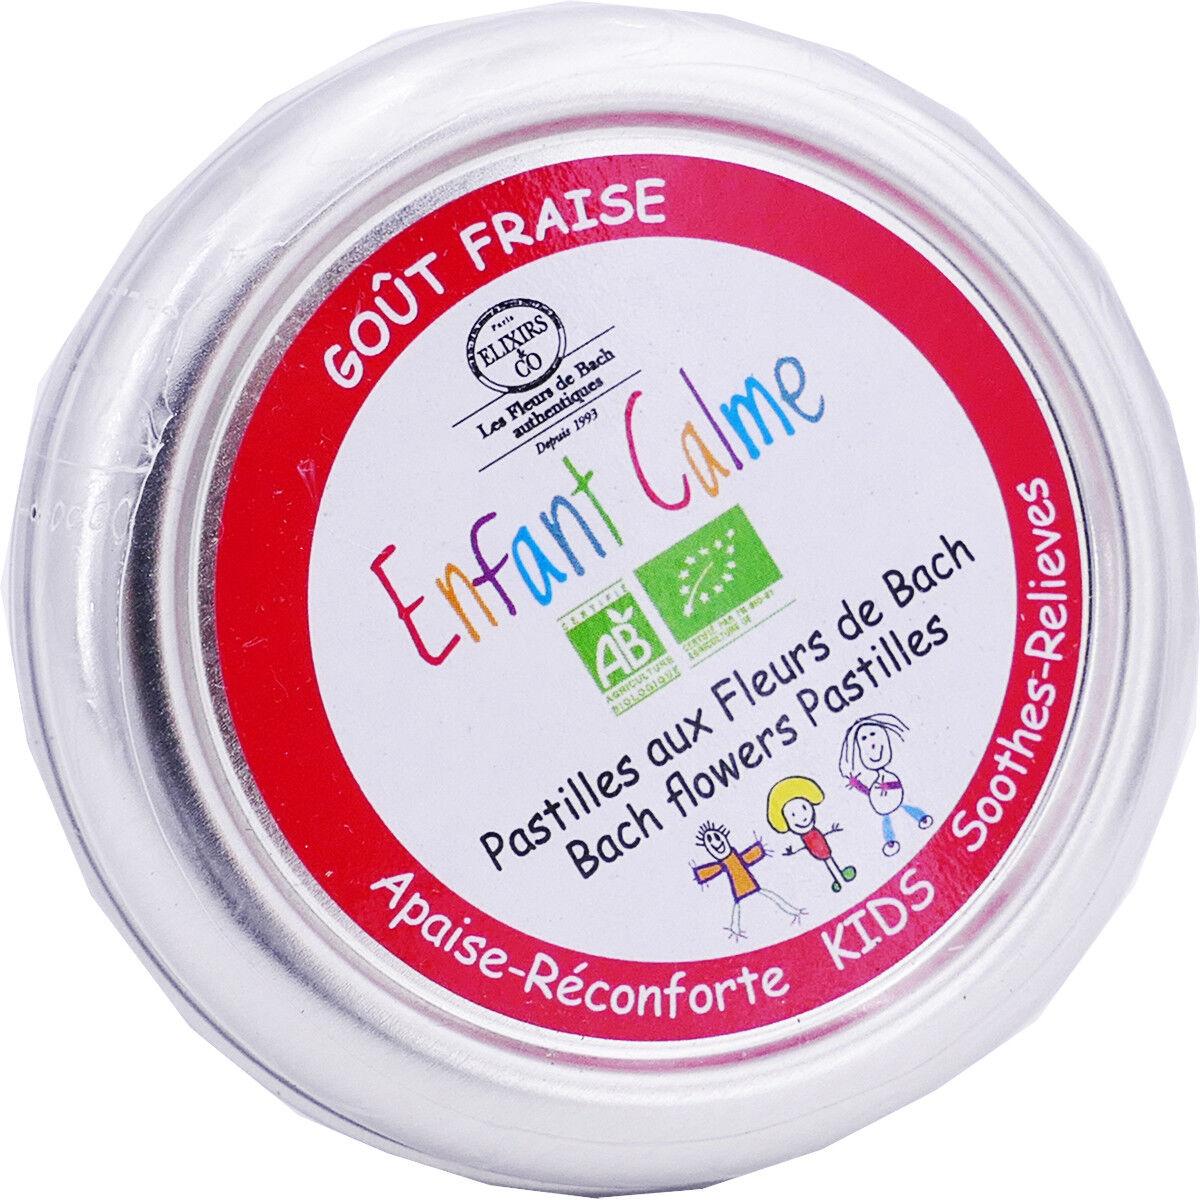 ELIXIRS & CO Elixirs pastilles sucre gout fraise fleursz de bach 45g